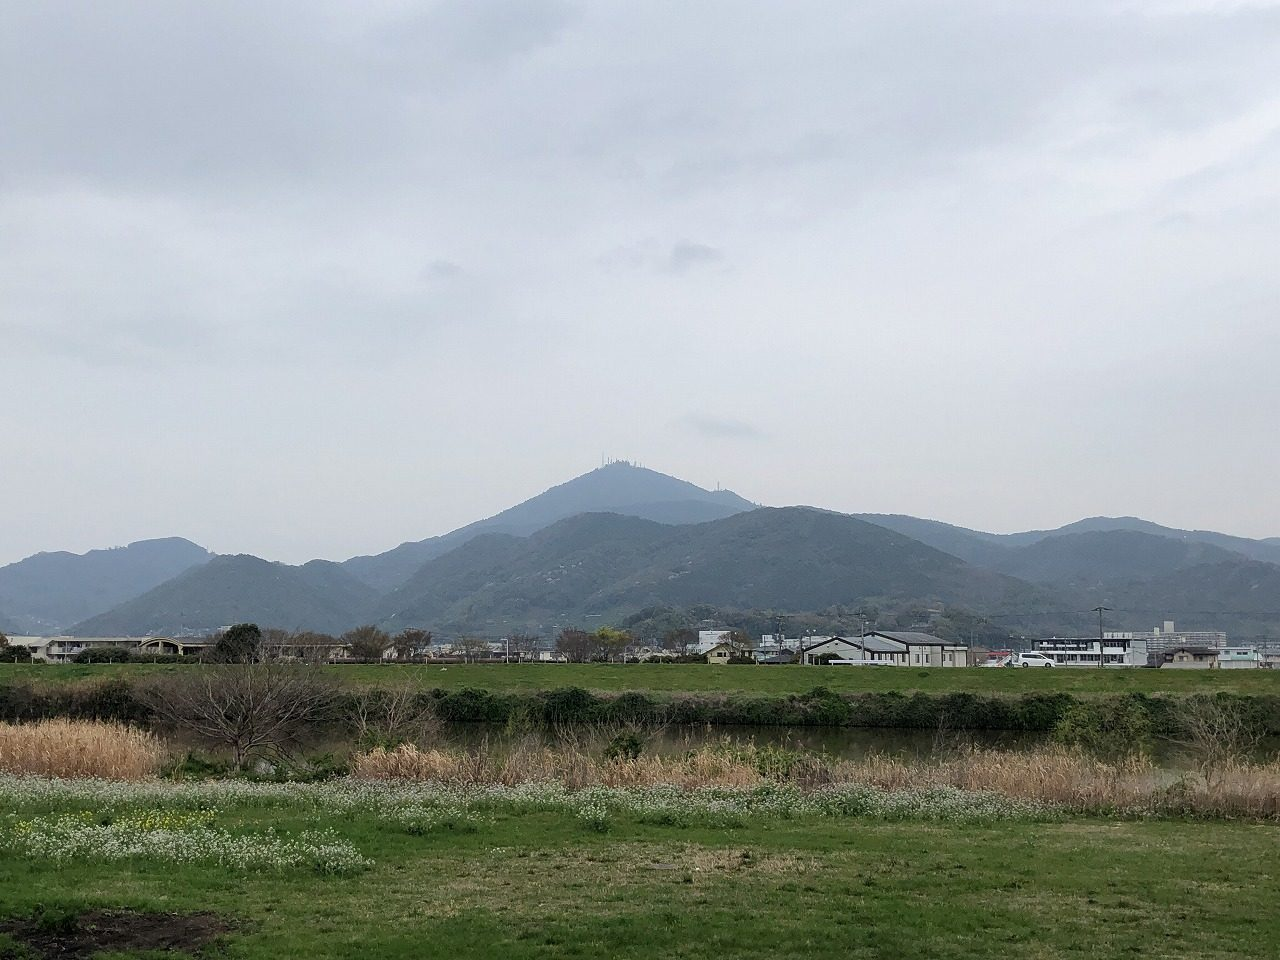 2019.3.22今朝の金峰山です。